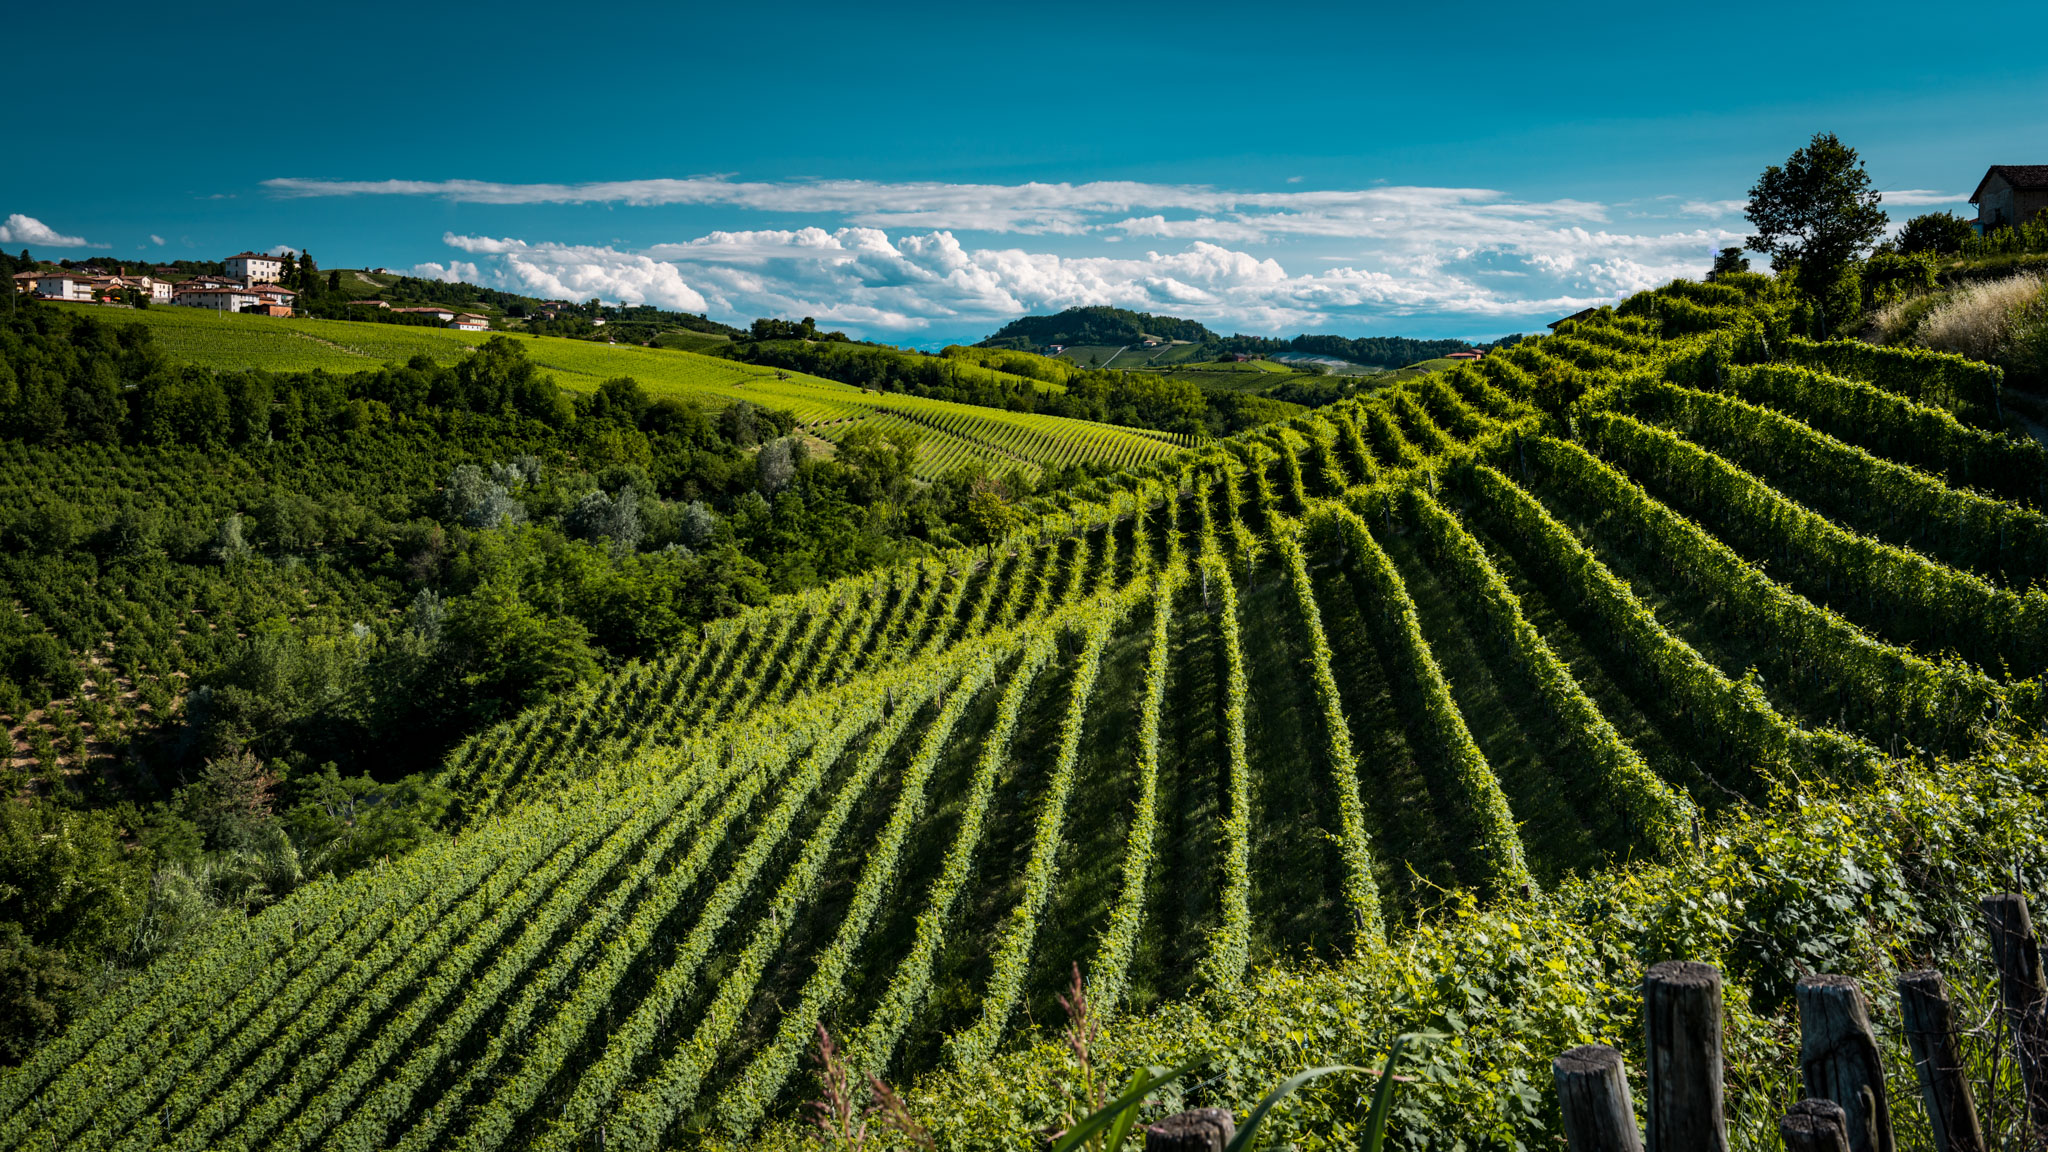 Italy : Piedmont : Rocche vineyard in Castiglione Falletto